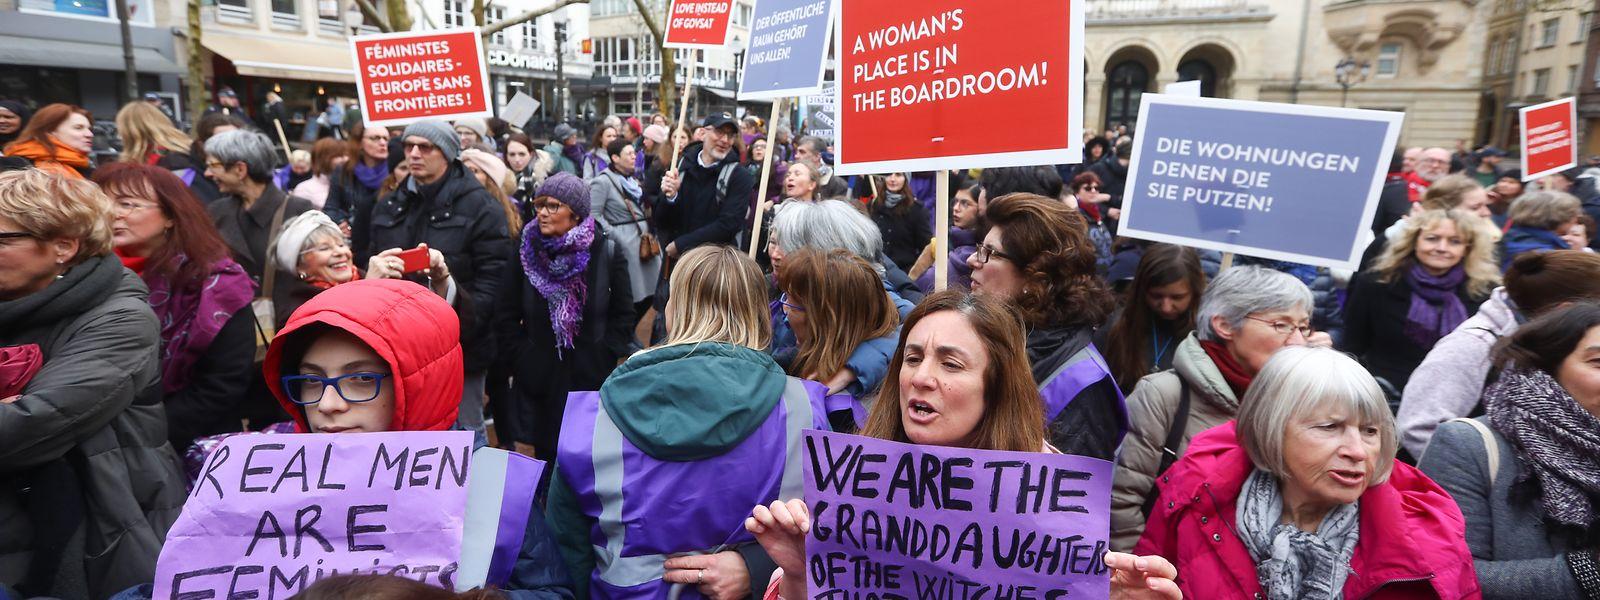 Ce lundi 8 mars, des mouvements et associations féministes appellent à la grève, comme en 2020, pour faire valoir les droits des résidentes luxembourgeoises.